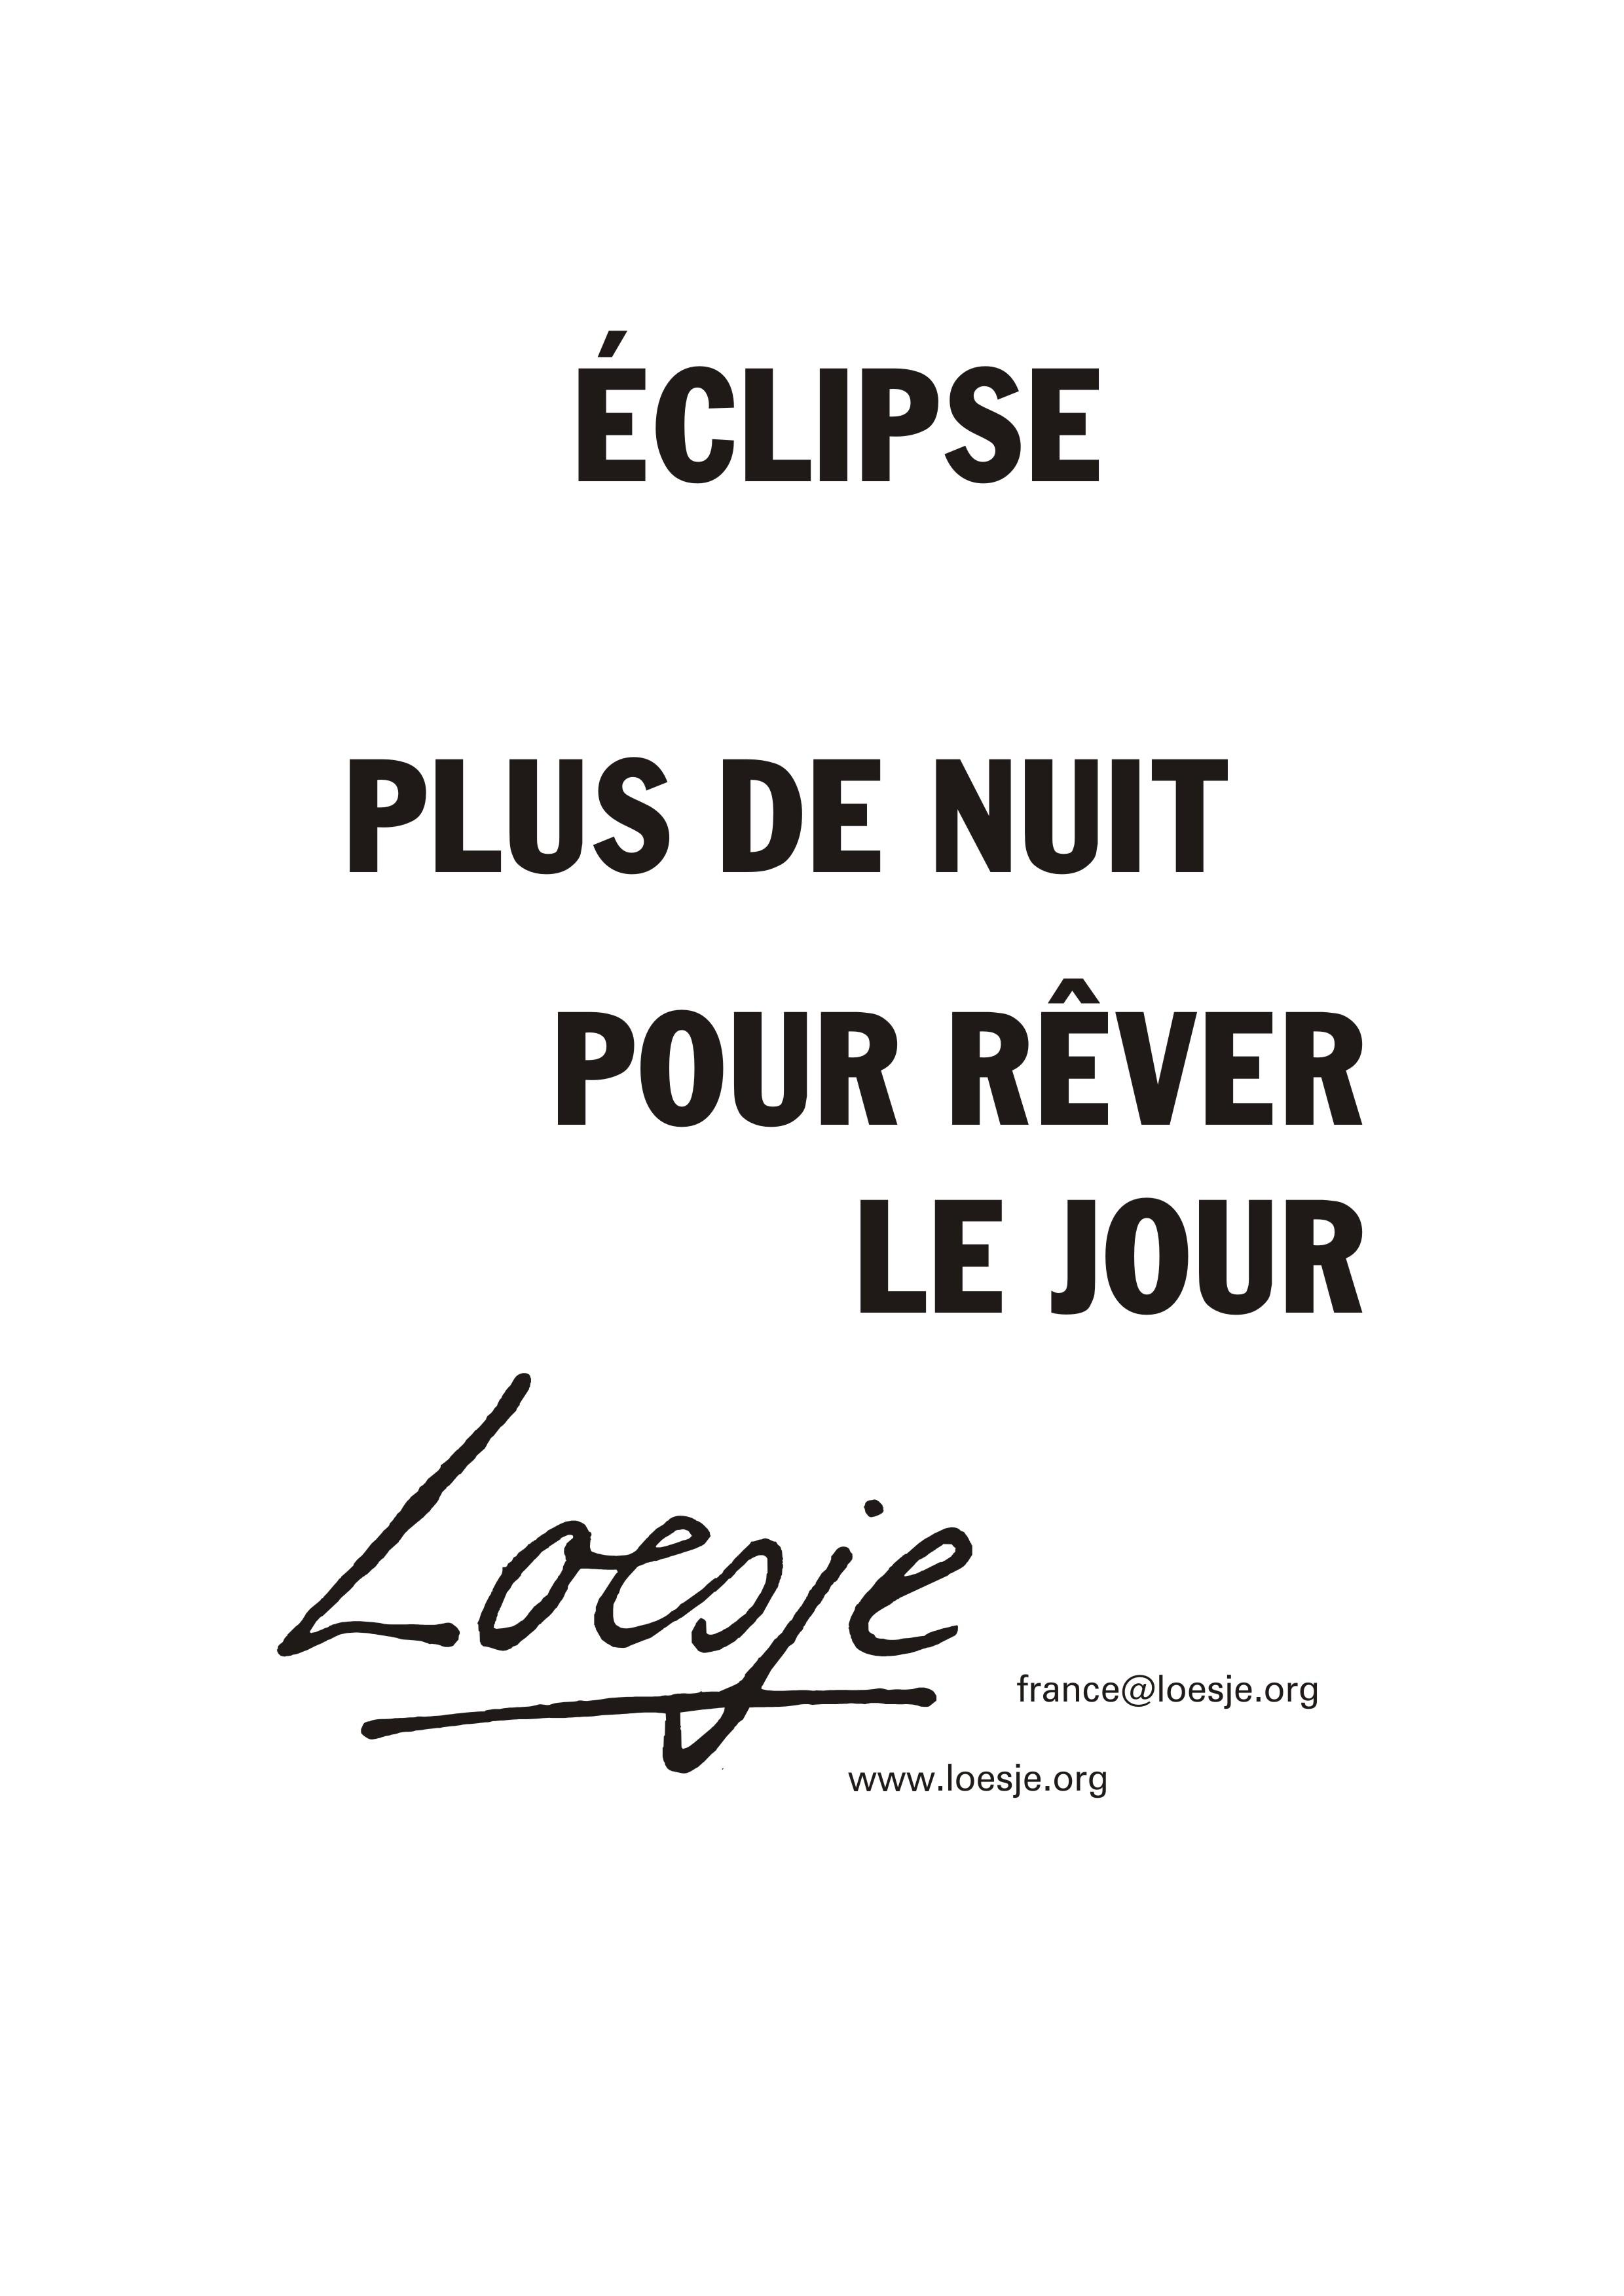 Eclipse plus de nuit pour rever le jour